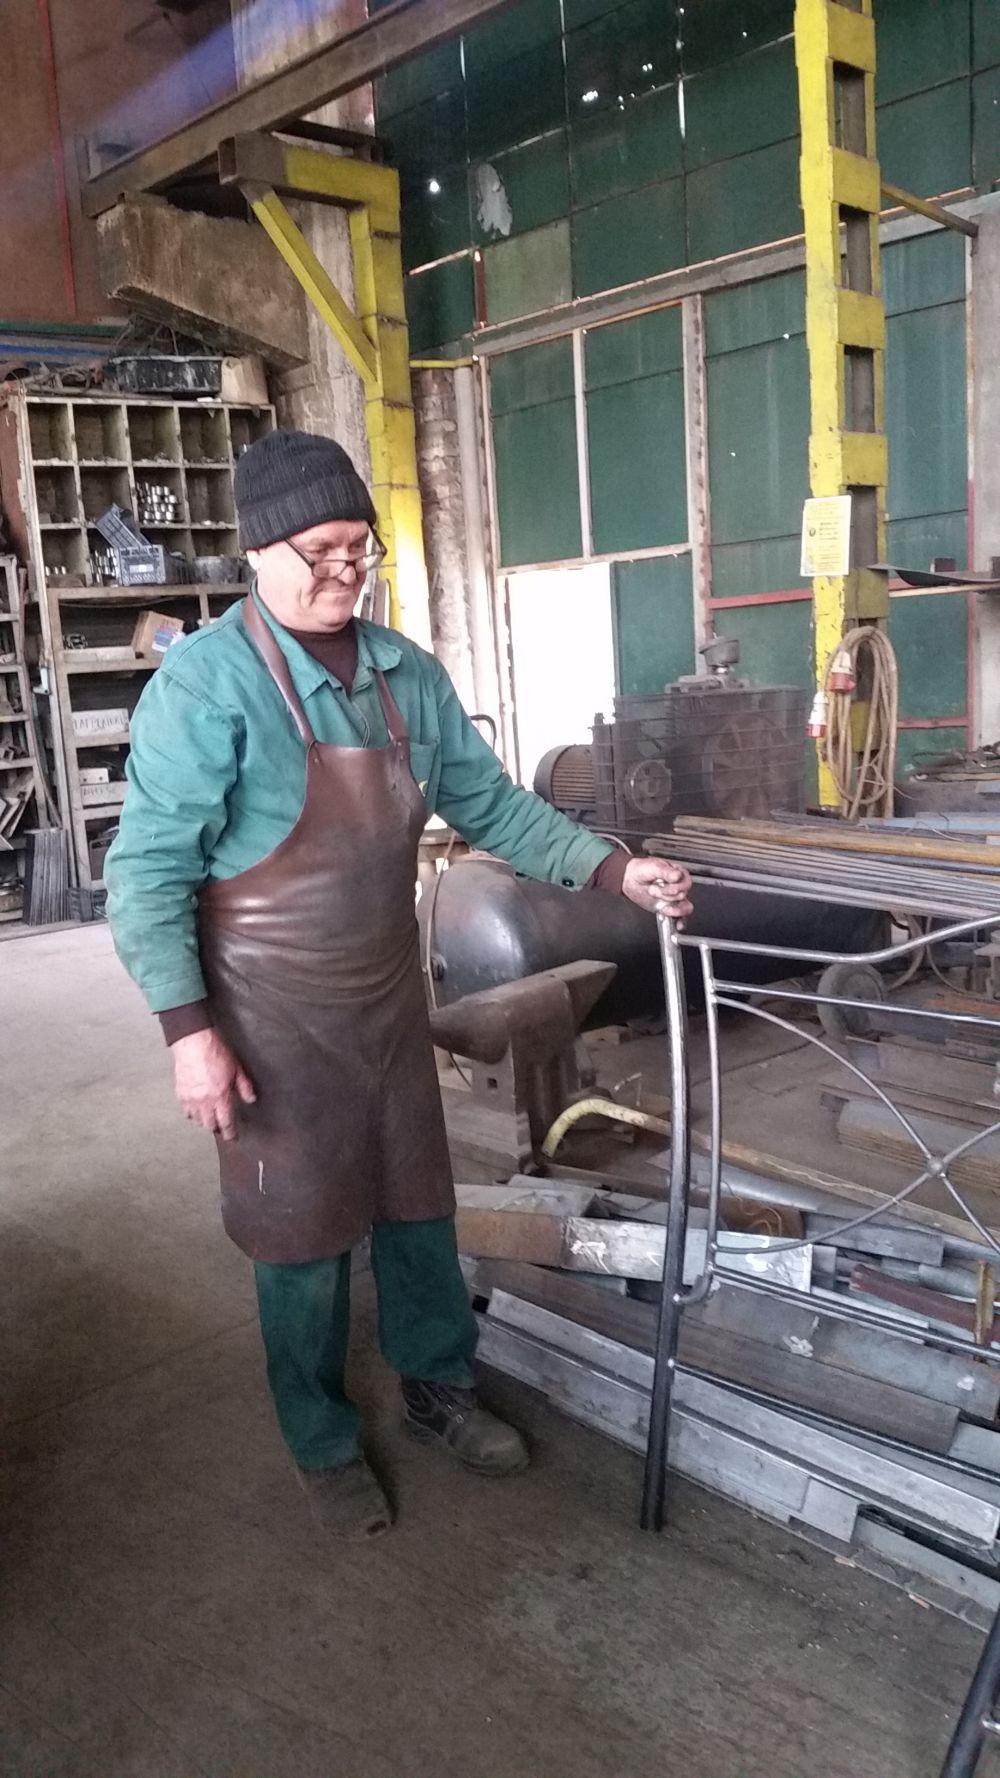 Meșterii din fabrică, în fața cărora mă înclin, poartă șorțuri din piele, care să-i protejeze de așchiile metalice sau de scînteile de la sudură.